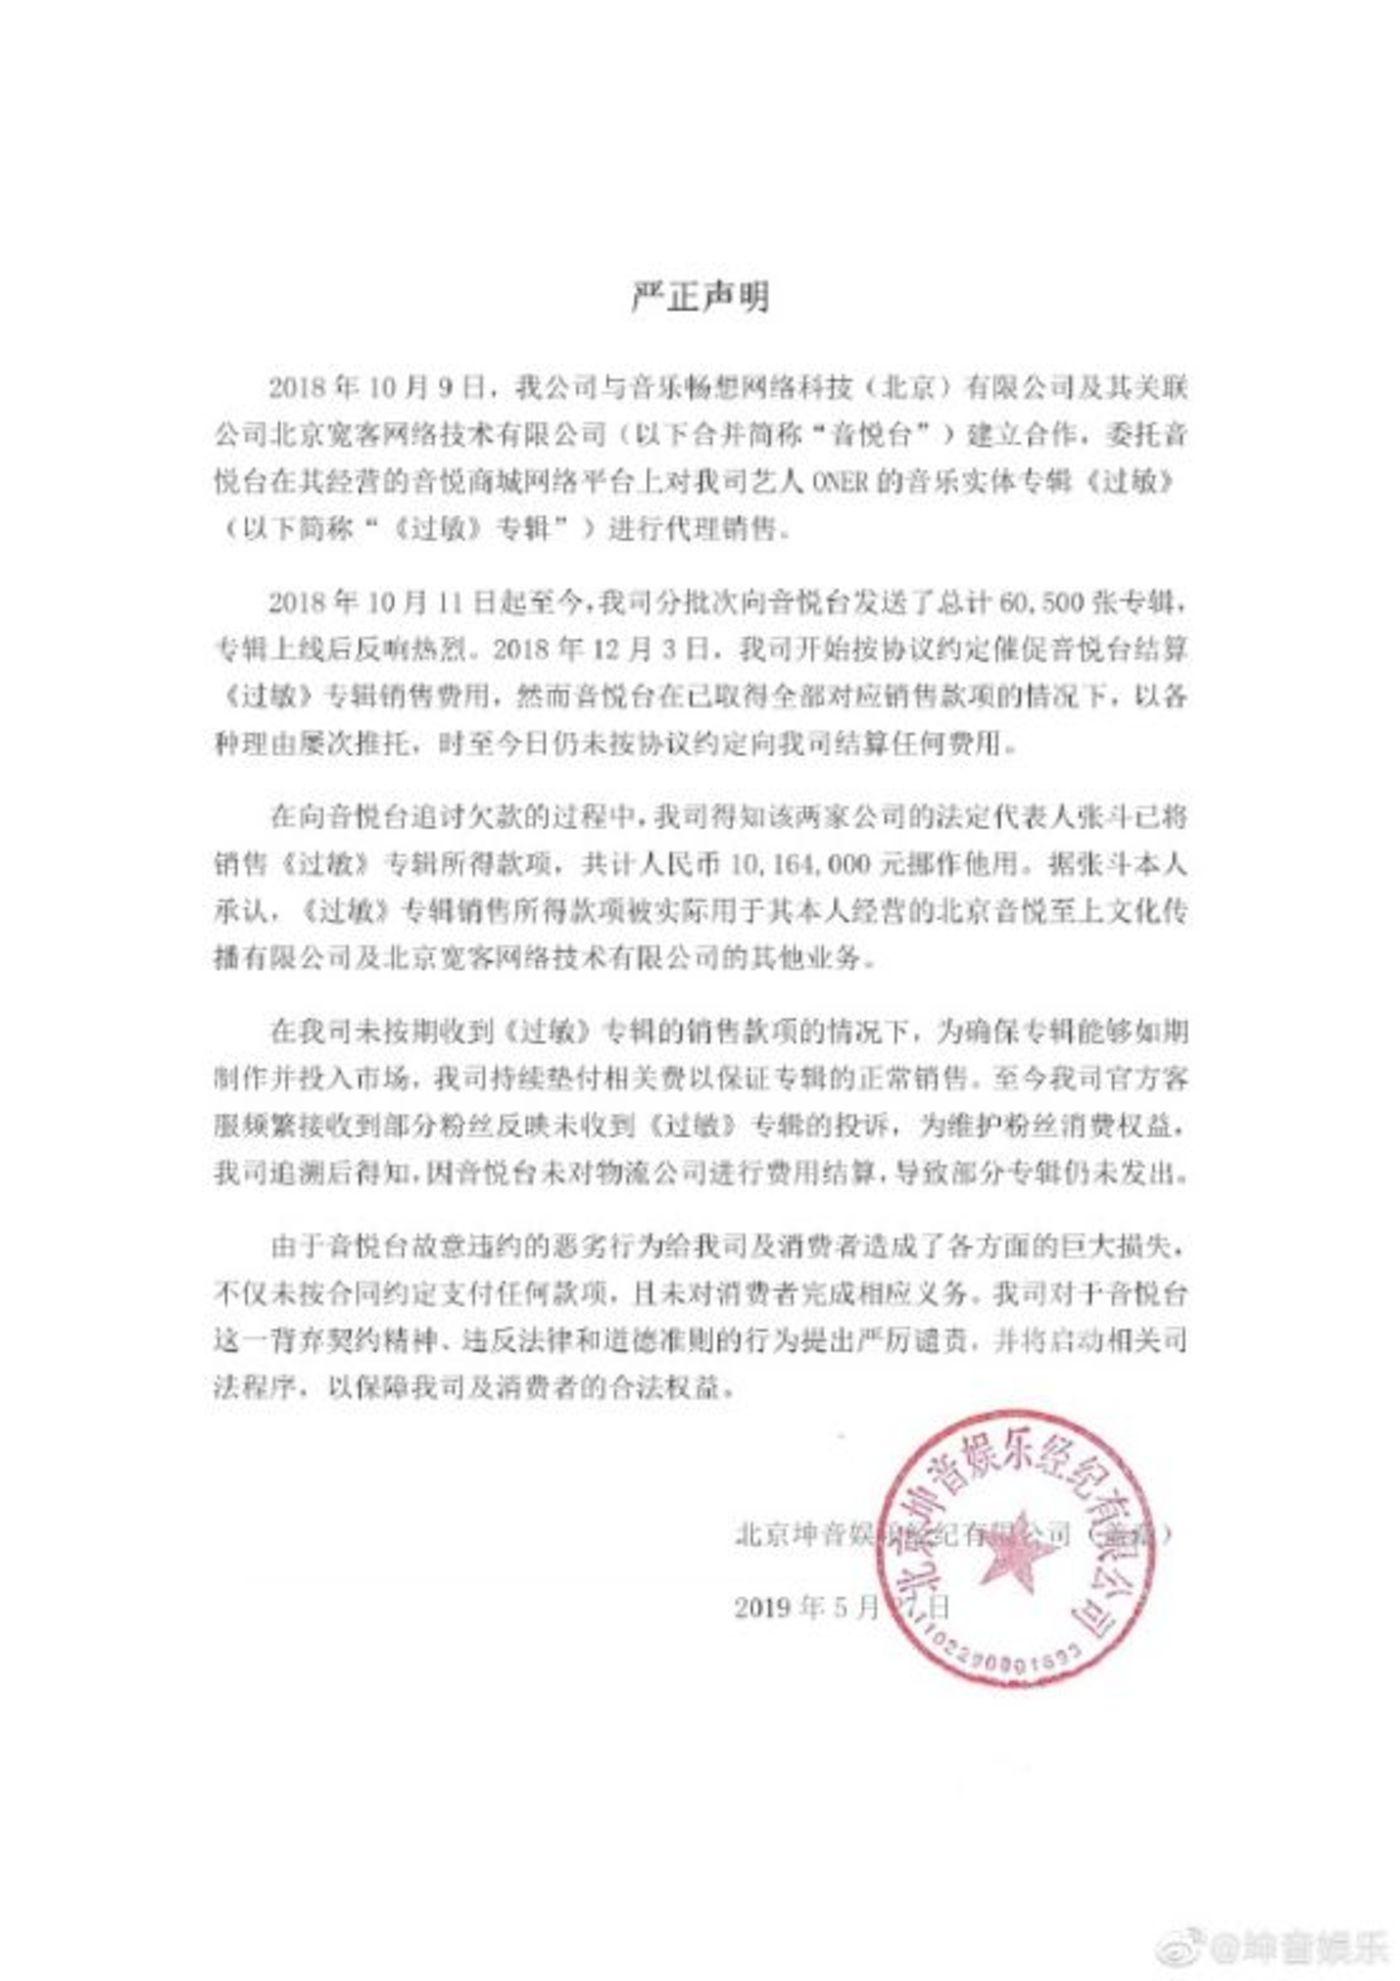 坤音娱乐微博追债令:音悦台欠款千万背后的险恶偶像江湖